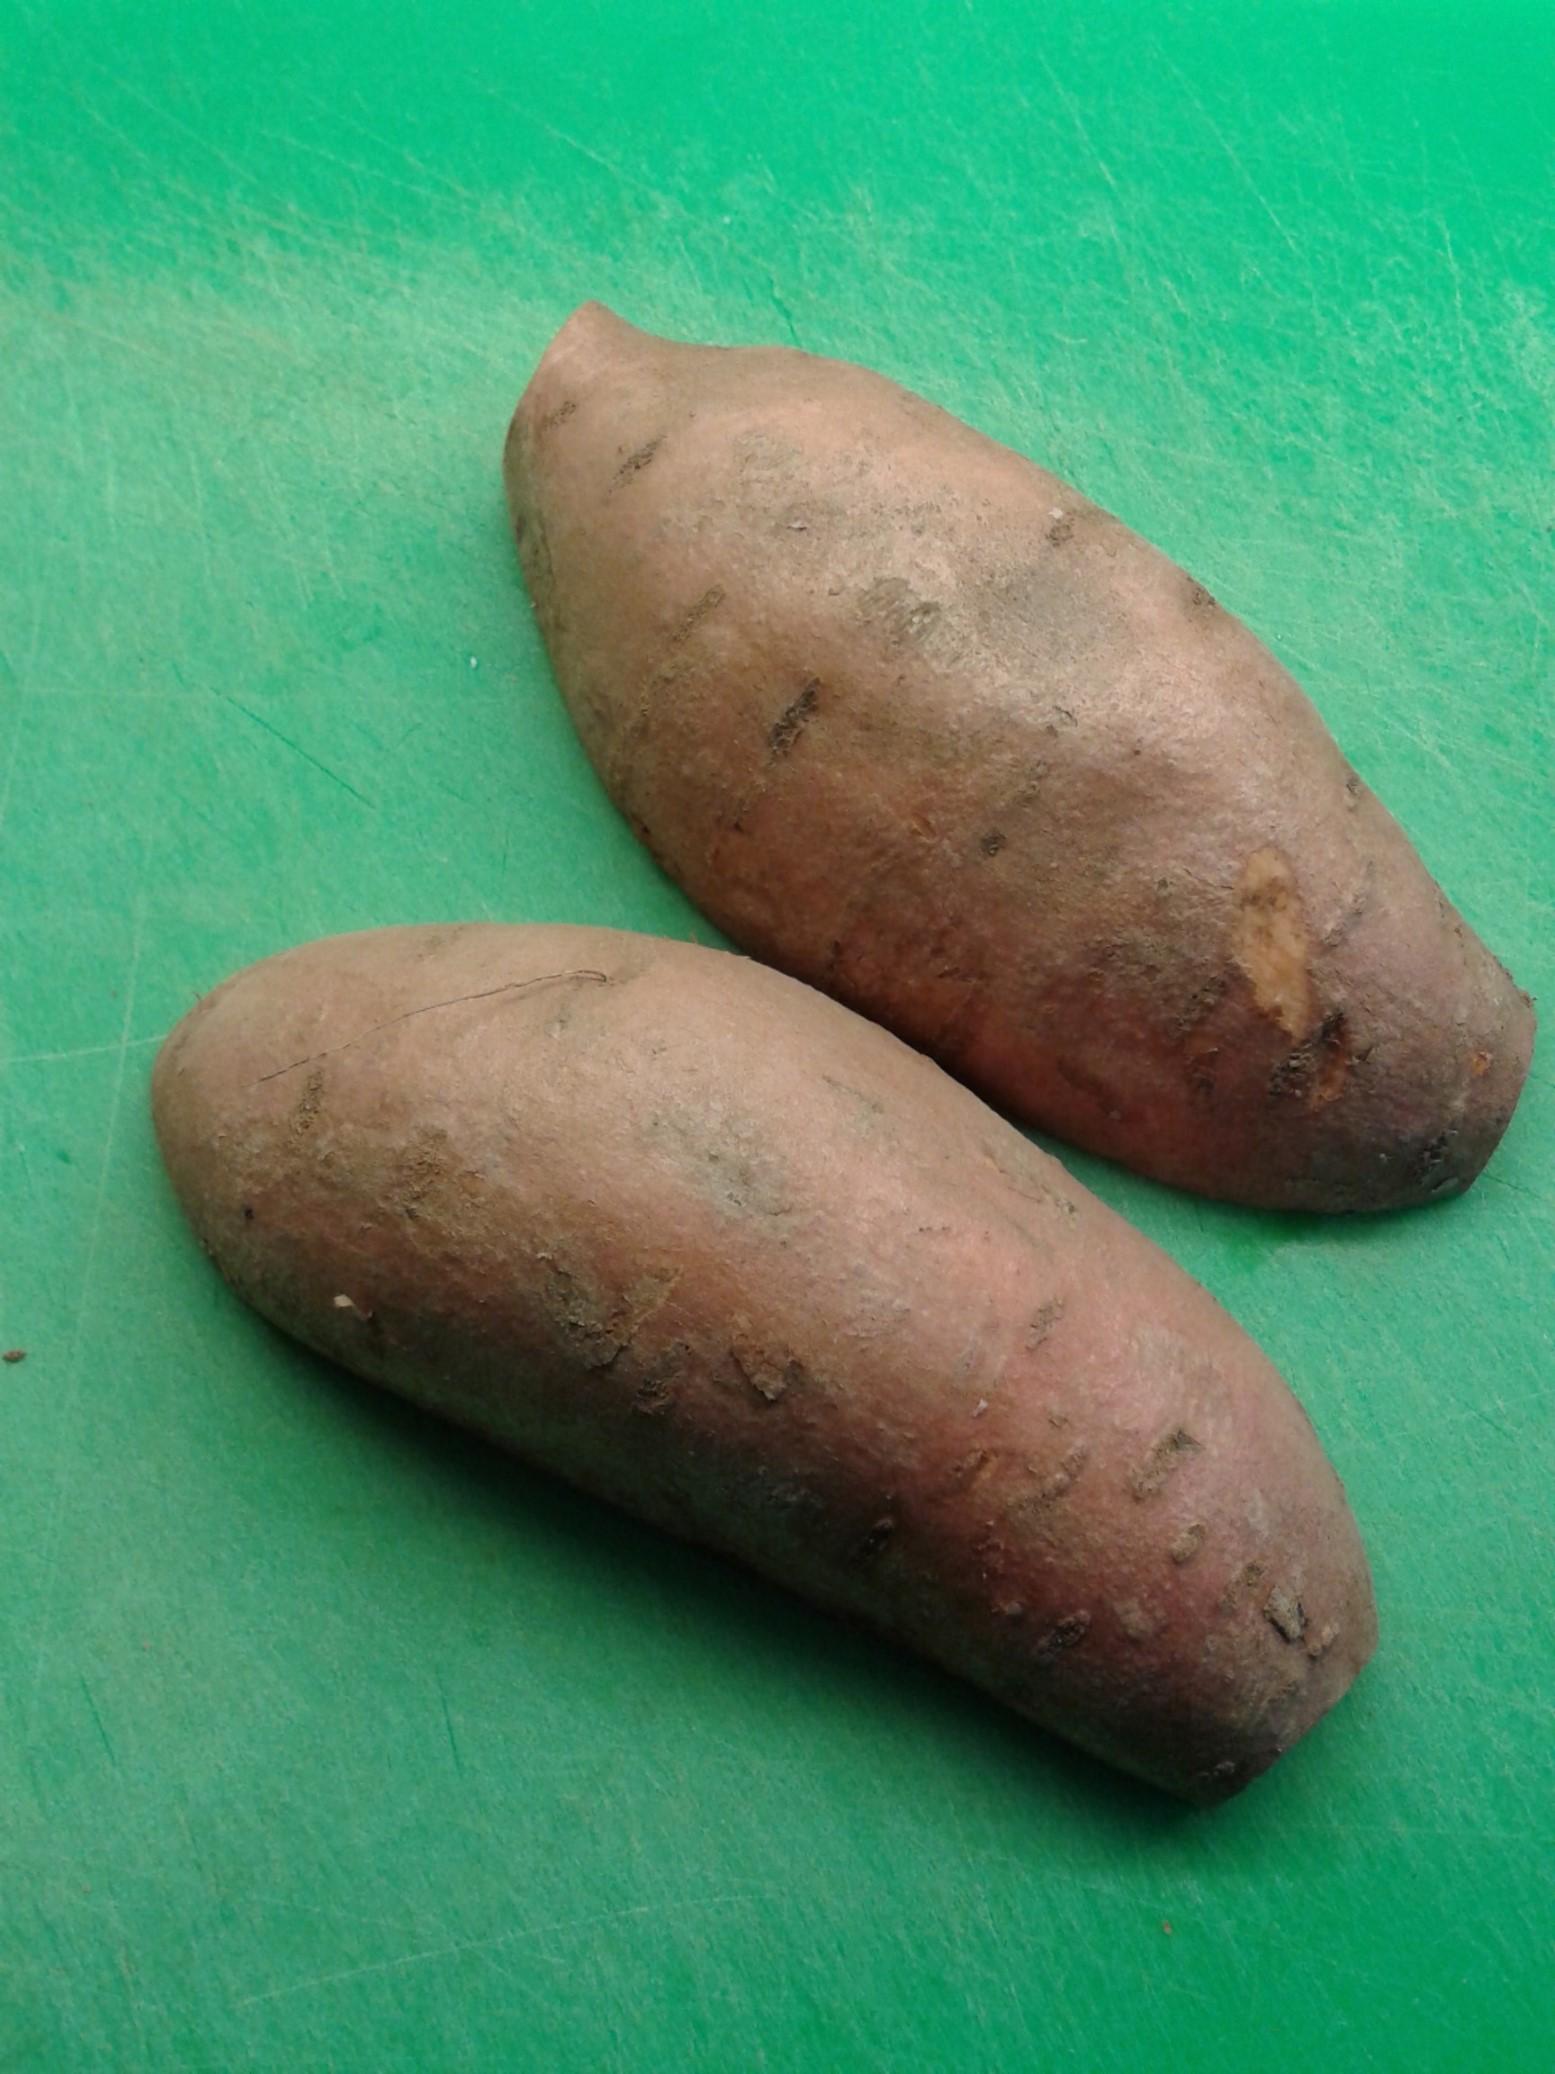 Zoete aardappel blijkt genetisch gemodificeerd door natuur